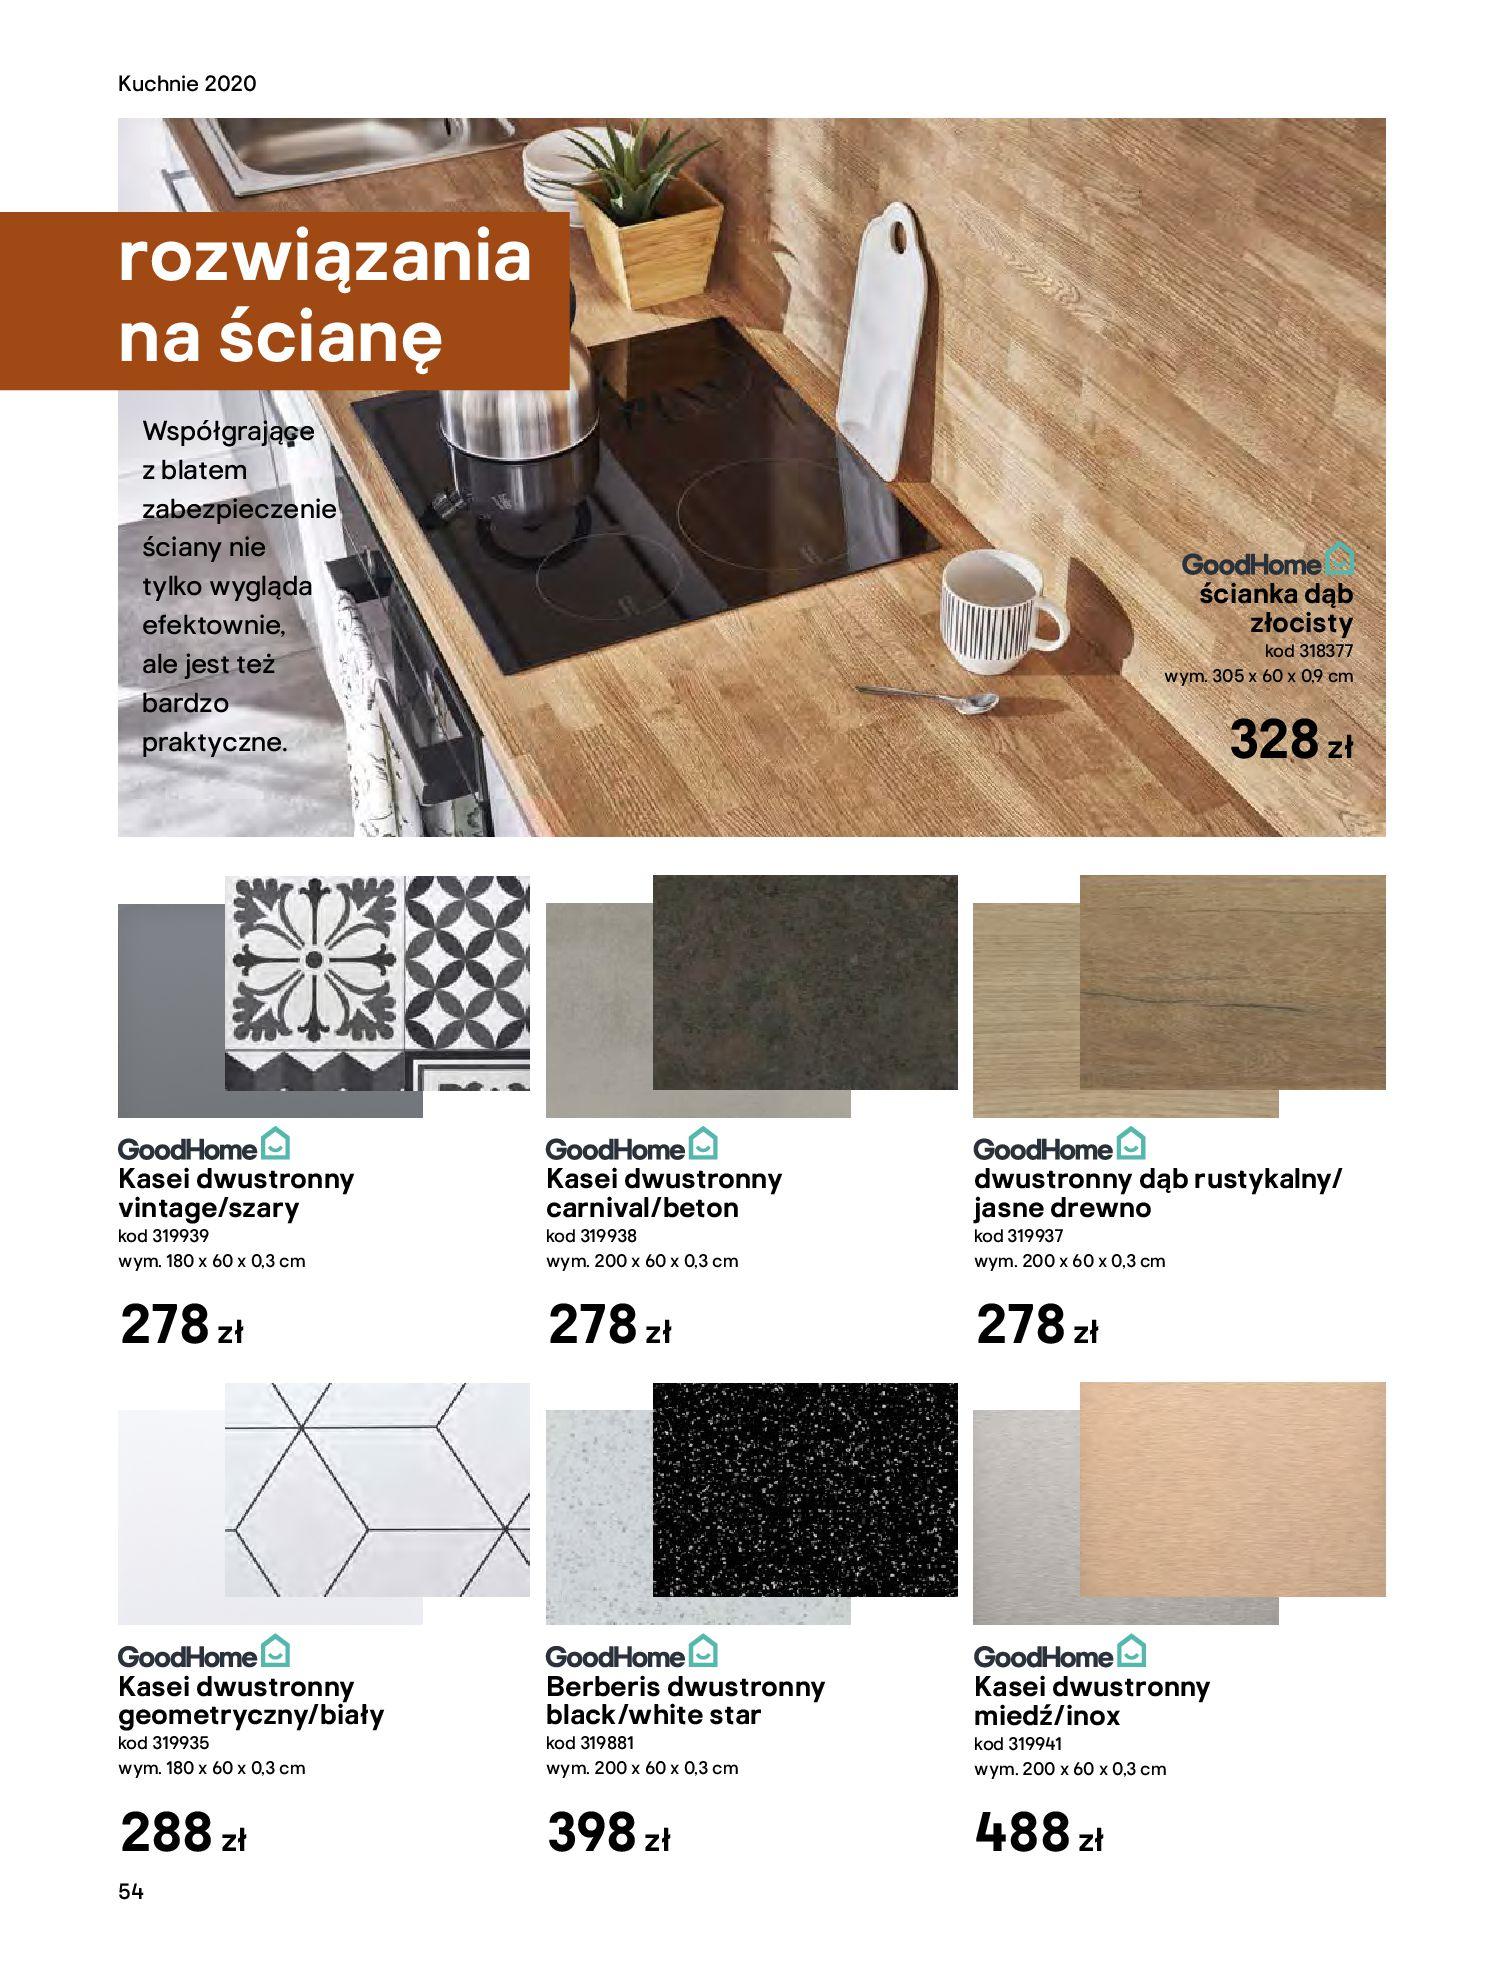 Gazetka Castorama - Katalog Kuchnie 2020-14.04.2020-31.12.2020-page-54